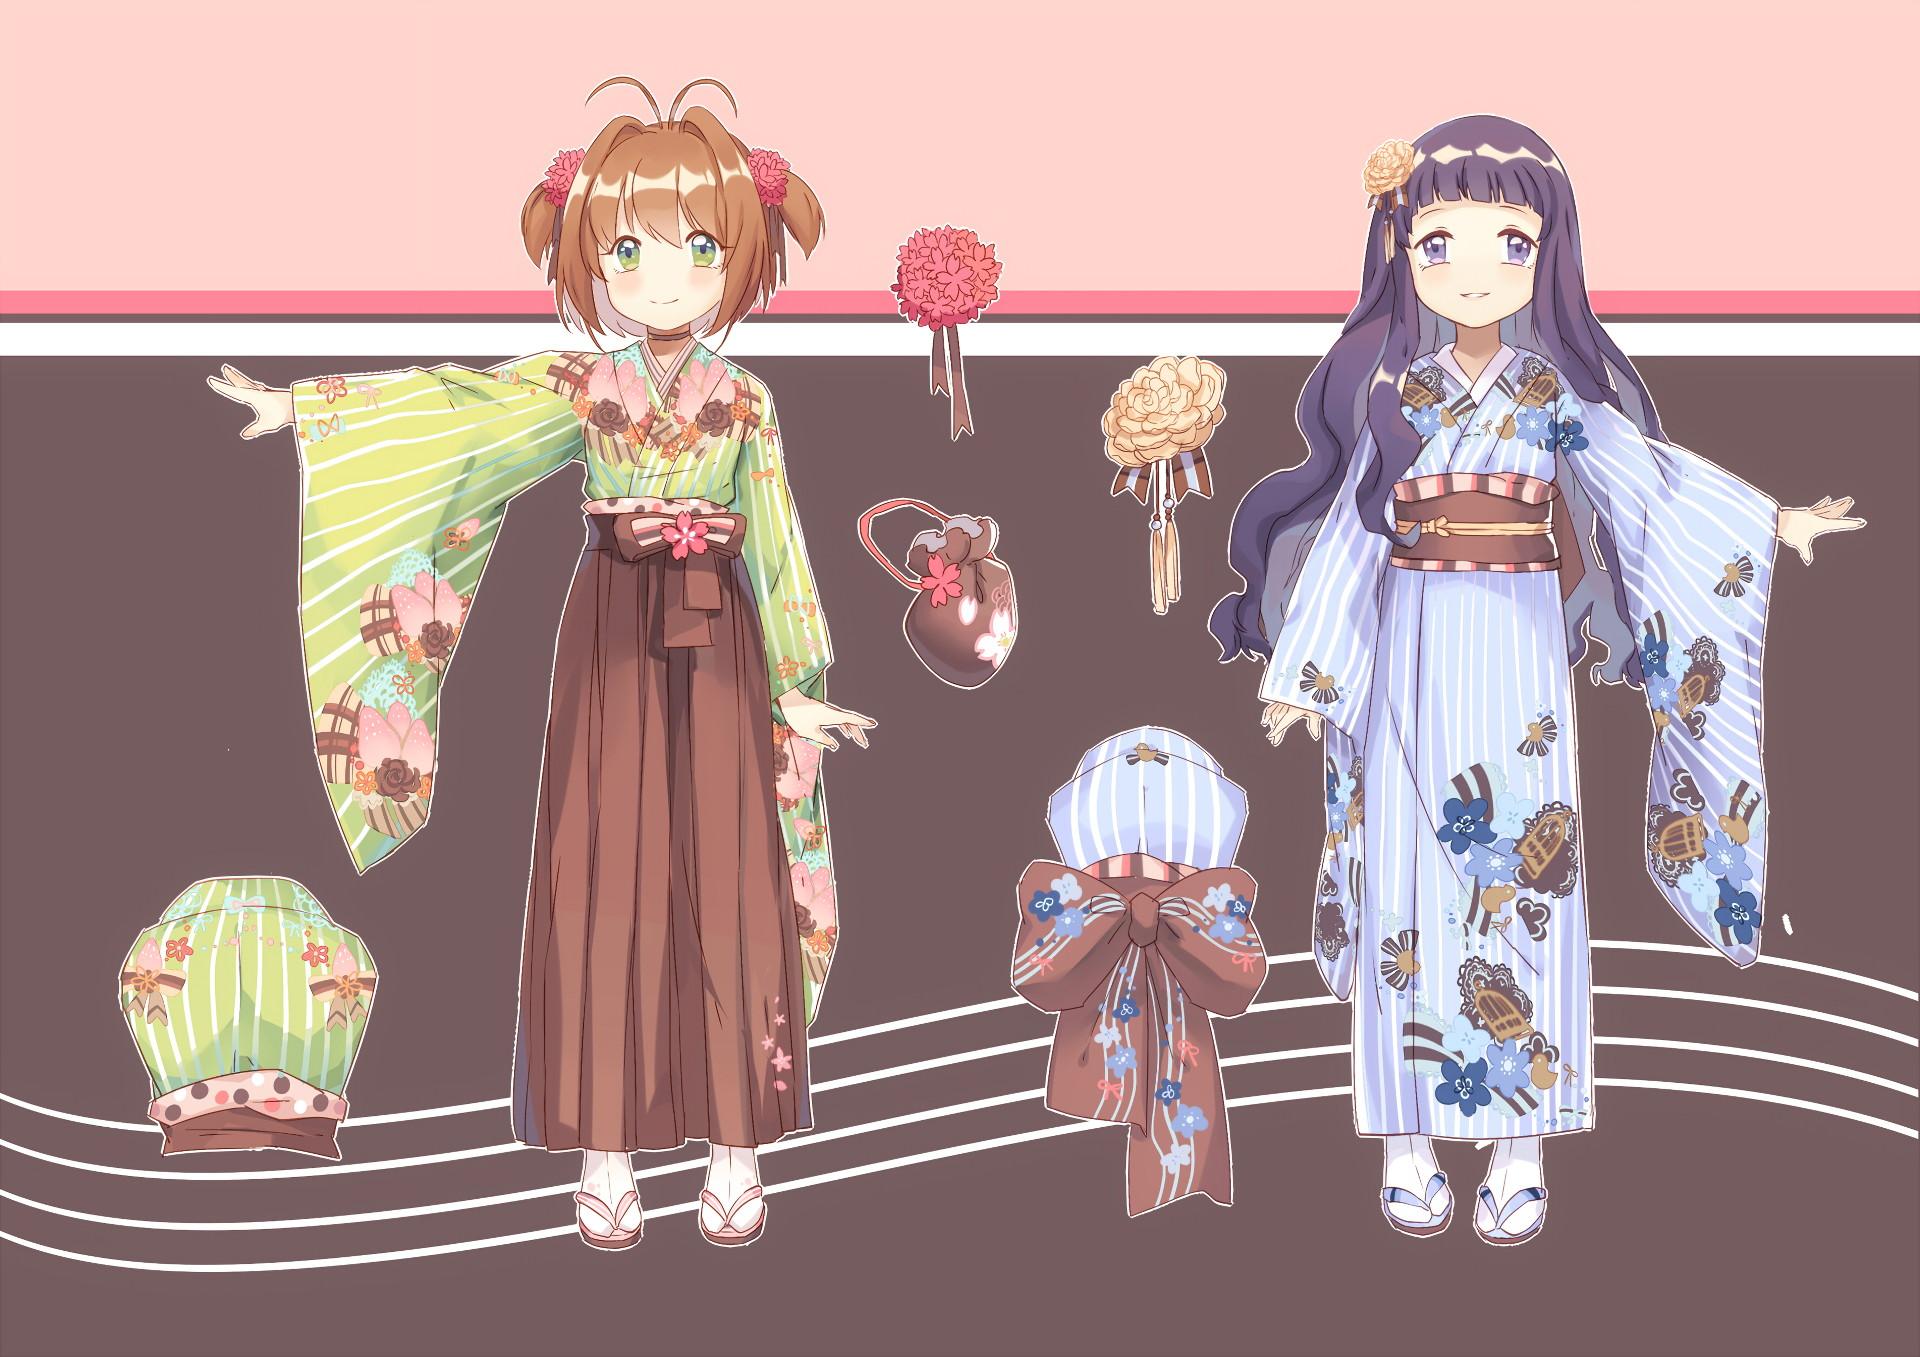 Sakura trong bộ trang phục truyền thống